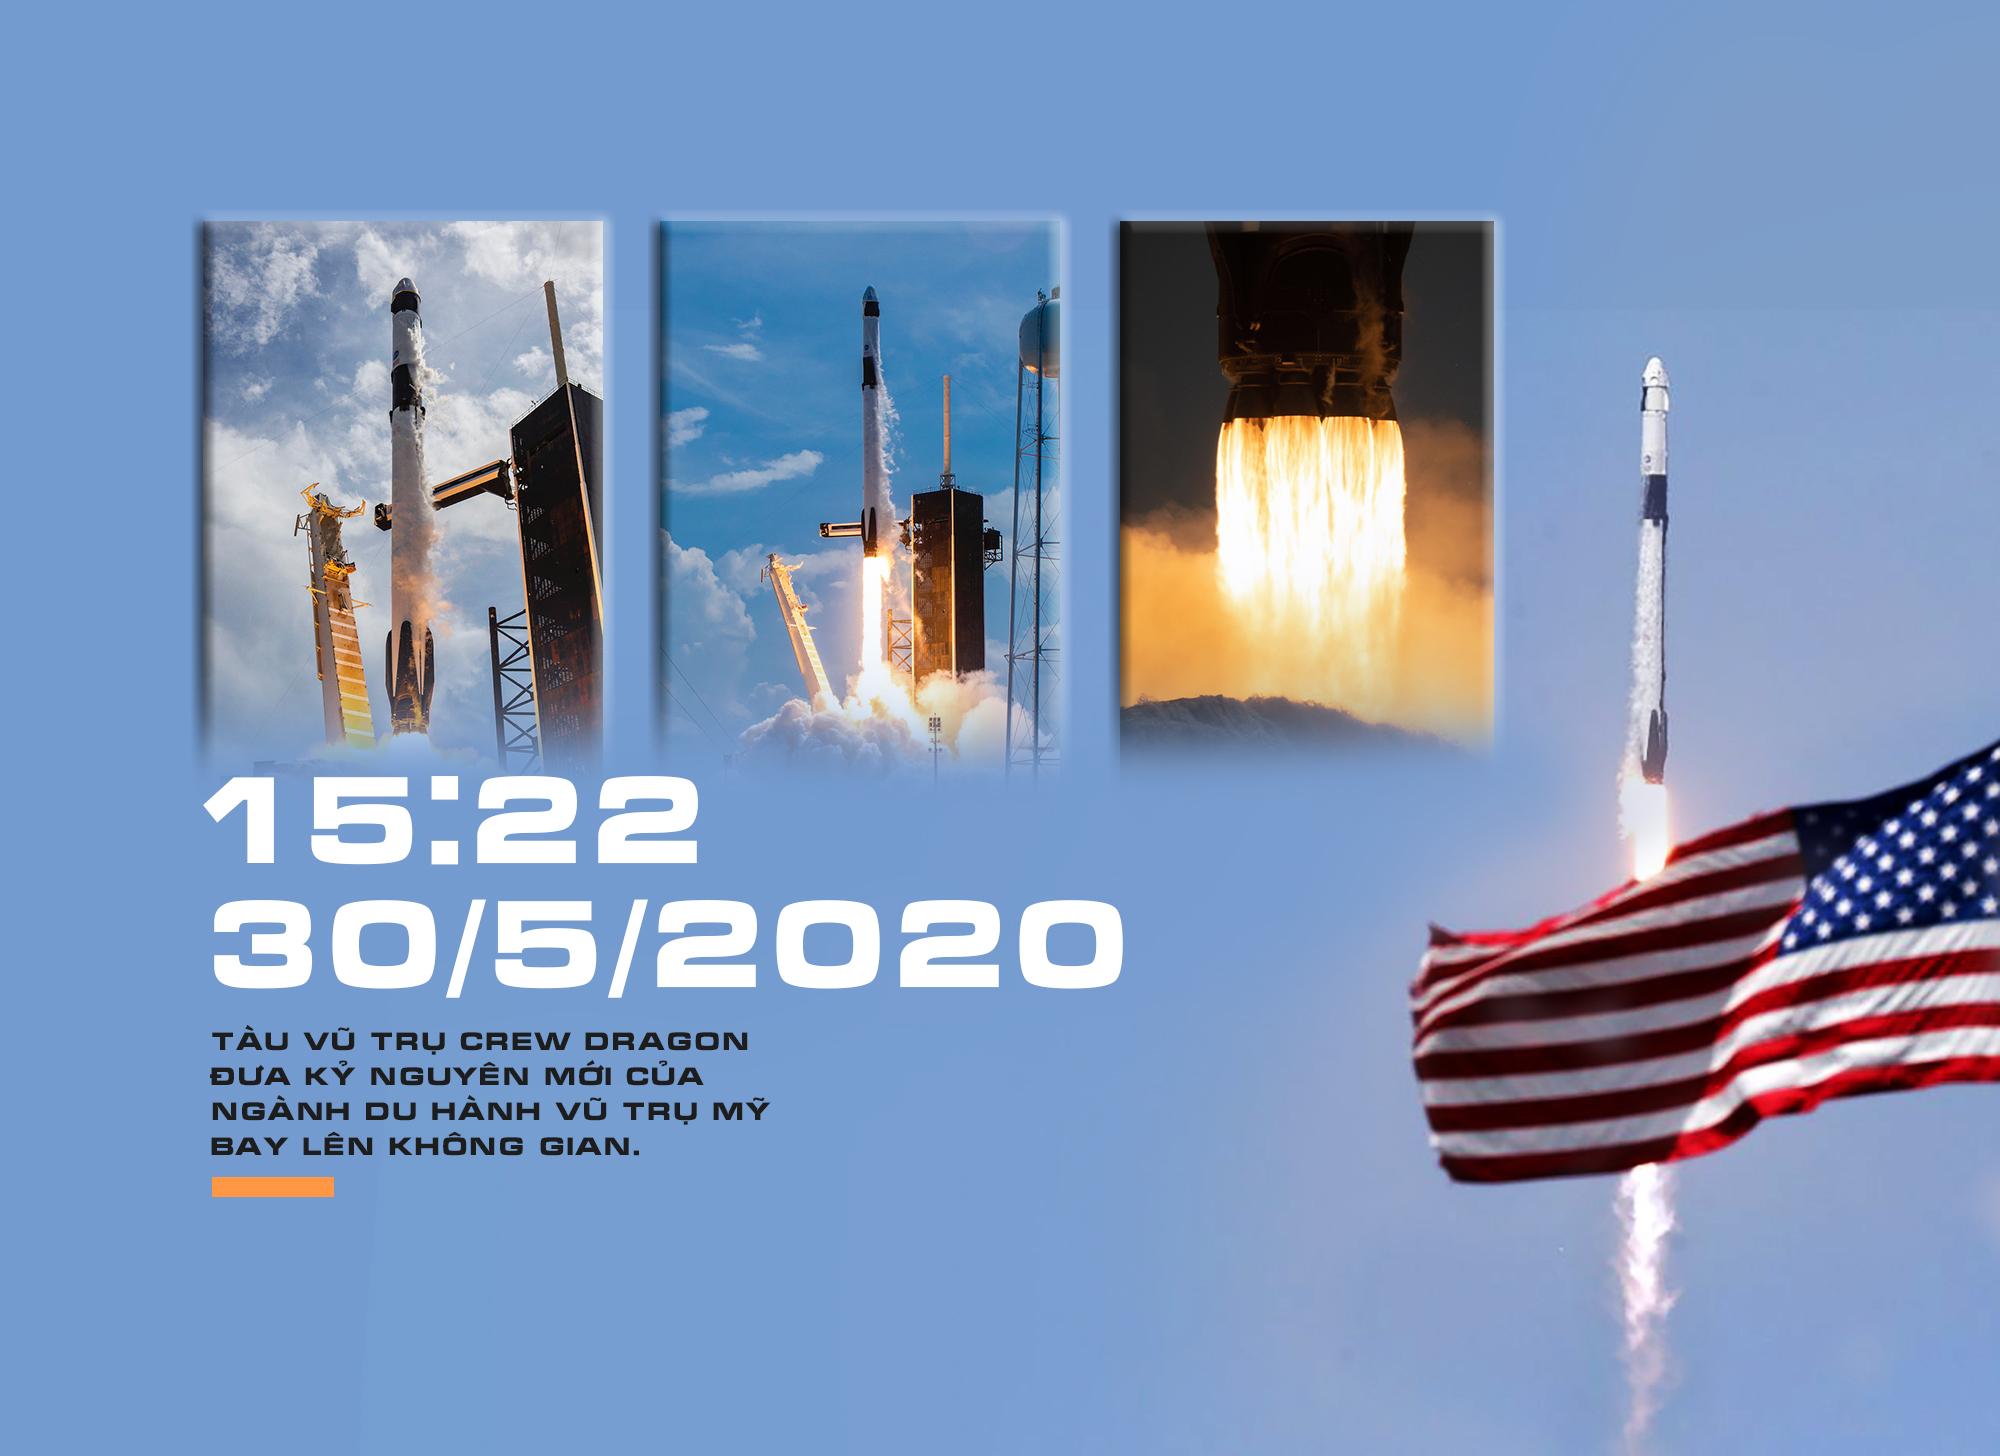 Mỹ hết tầm gửi vào Nga, dừng 'đốt' 90 triệu USD cho 1 chiếc ghế: Bí mật từ 6 chữ S.P.A.C.E.X - Ảnh 2.